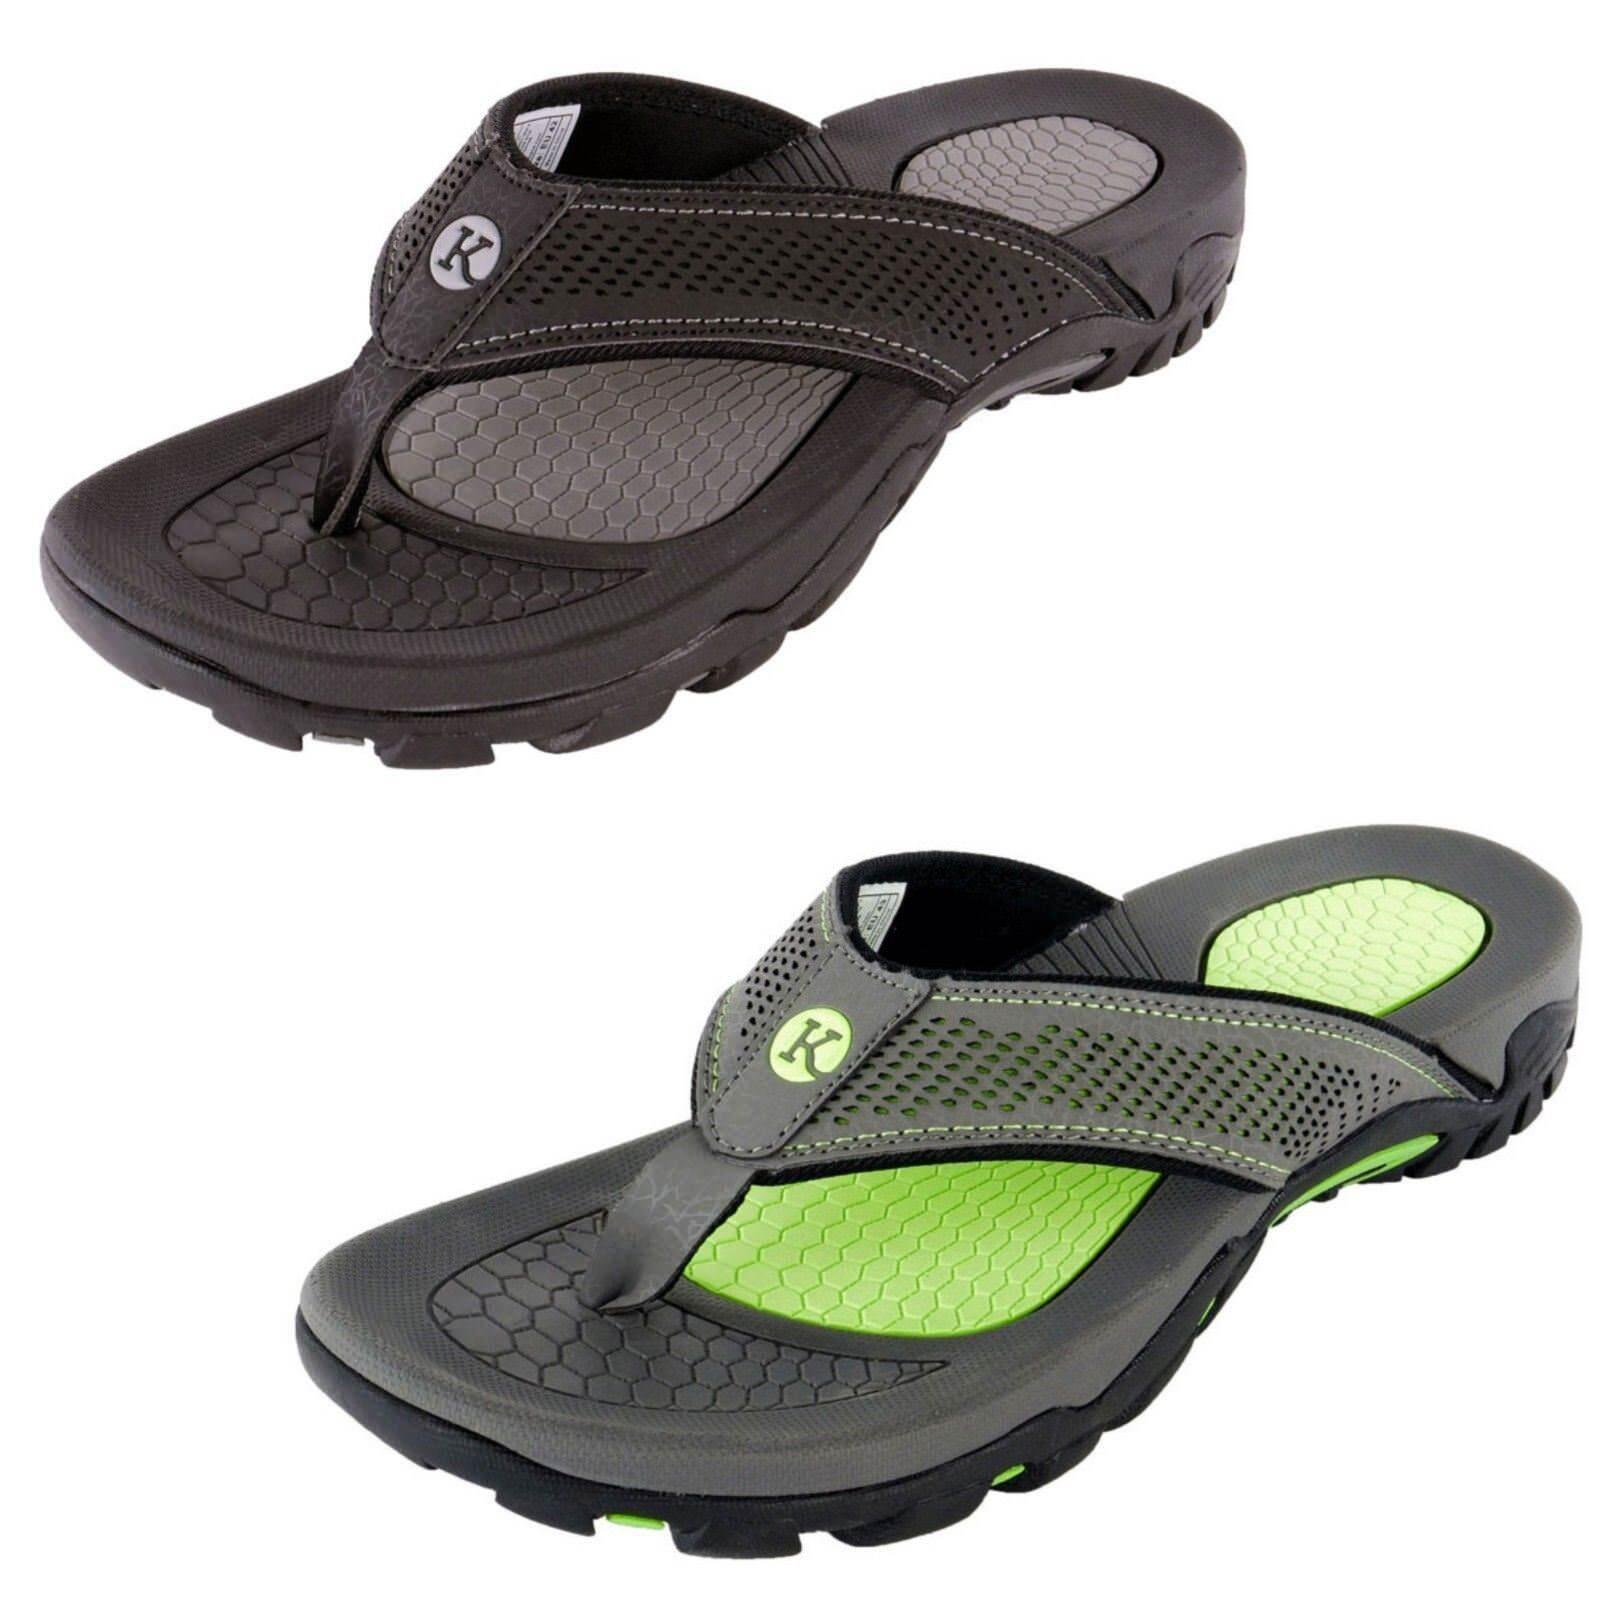 Women's Kaiback Drifter Sandal - Tough Sport Flip Flop With Tough - Tread 157ead